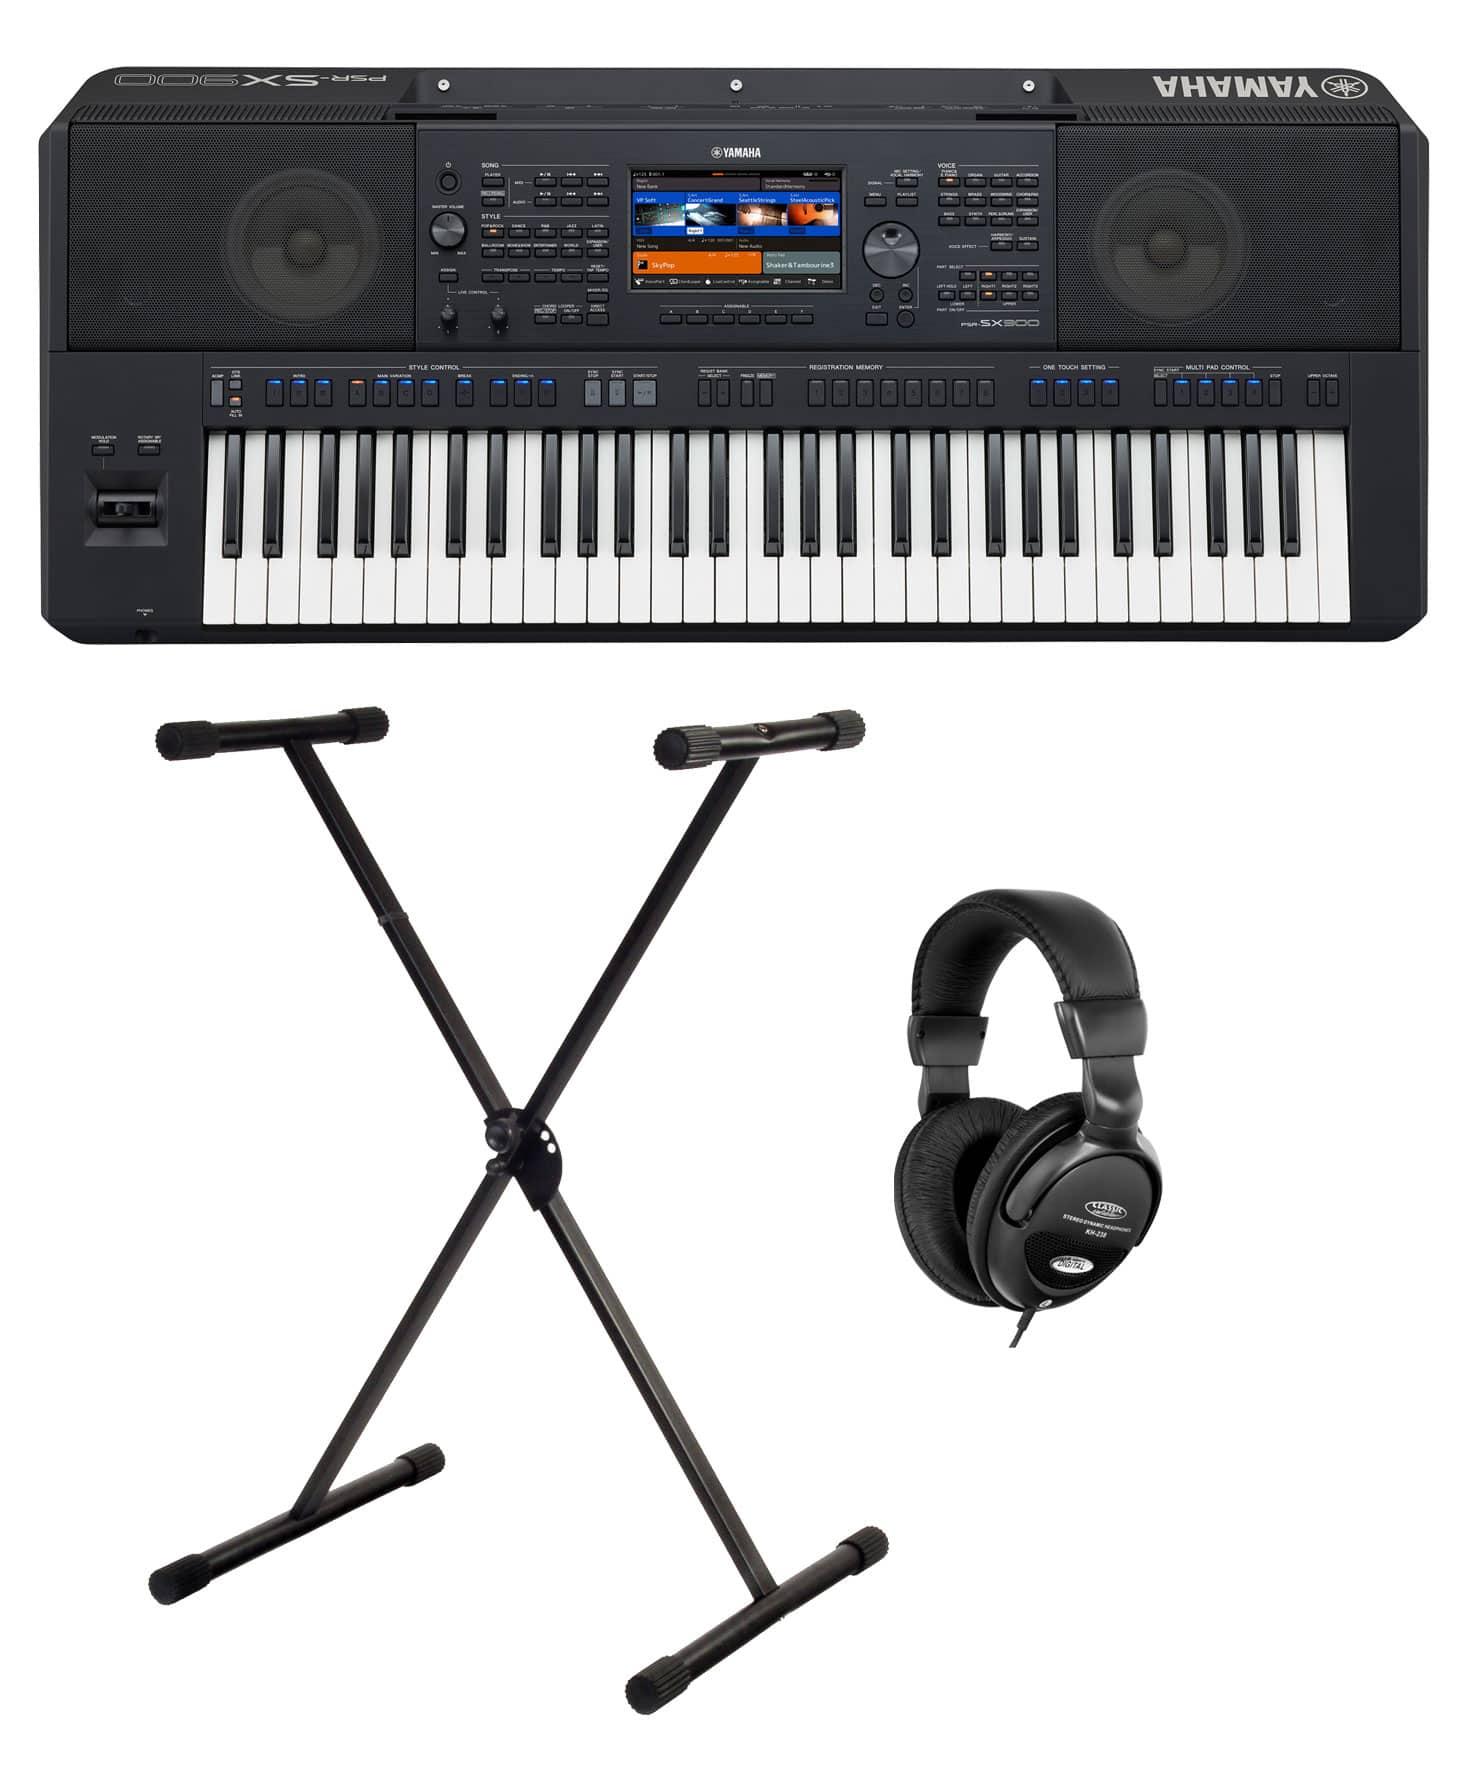 Yamaha PSR SX900 Keyboard Set